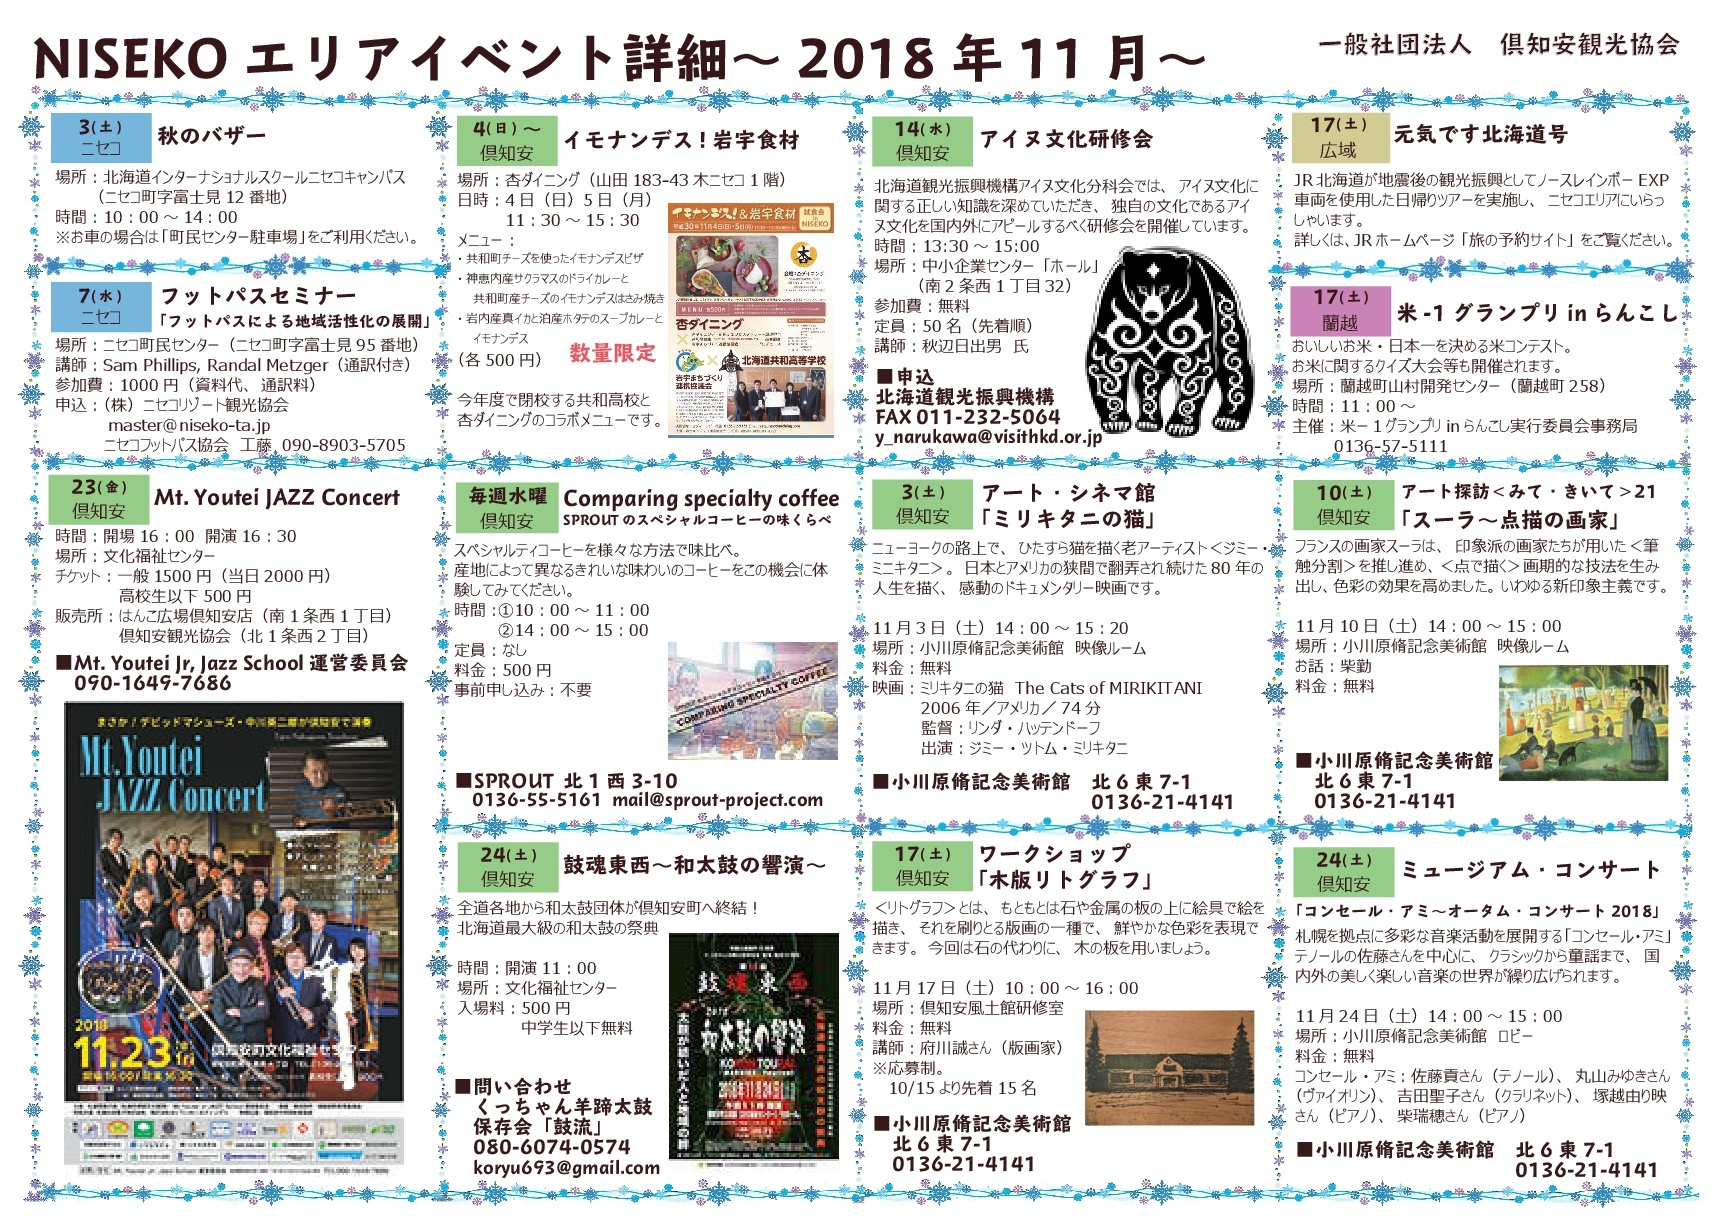 201811イベント詳細-1 Compressed